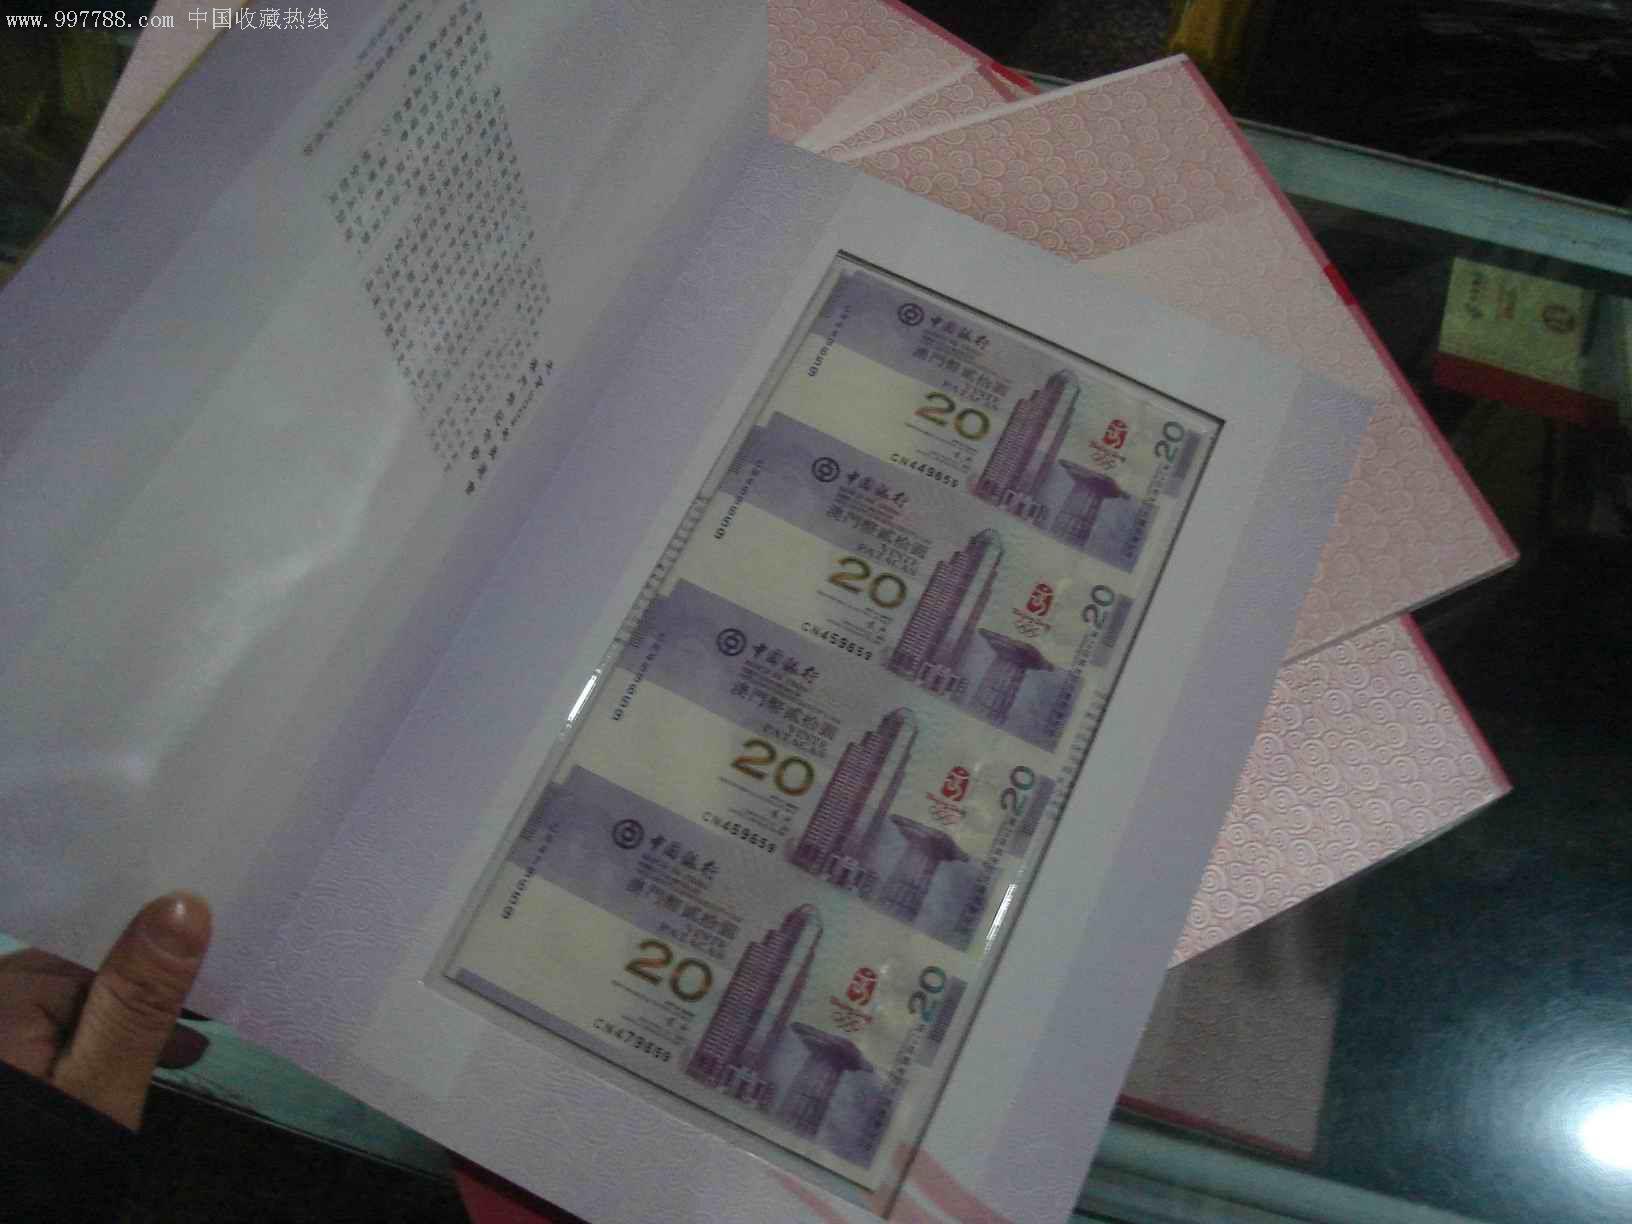 澳门四连体奥运钞号码为469659_纪念钞_国鸣